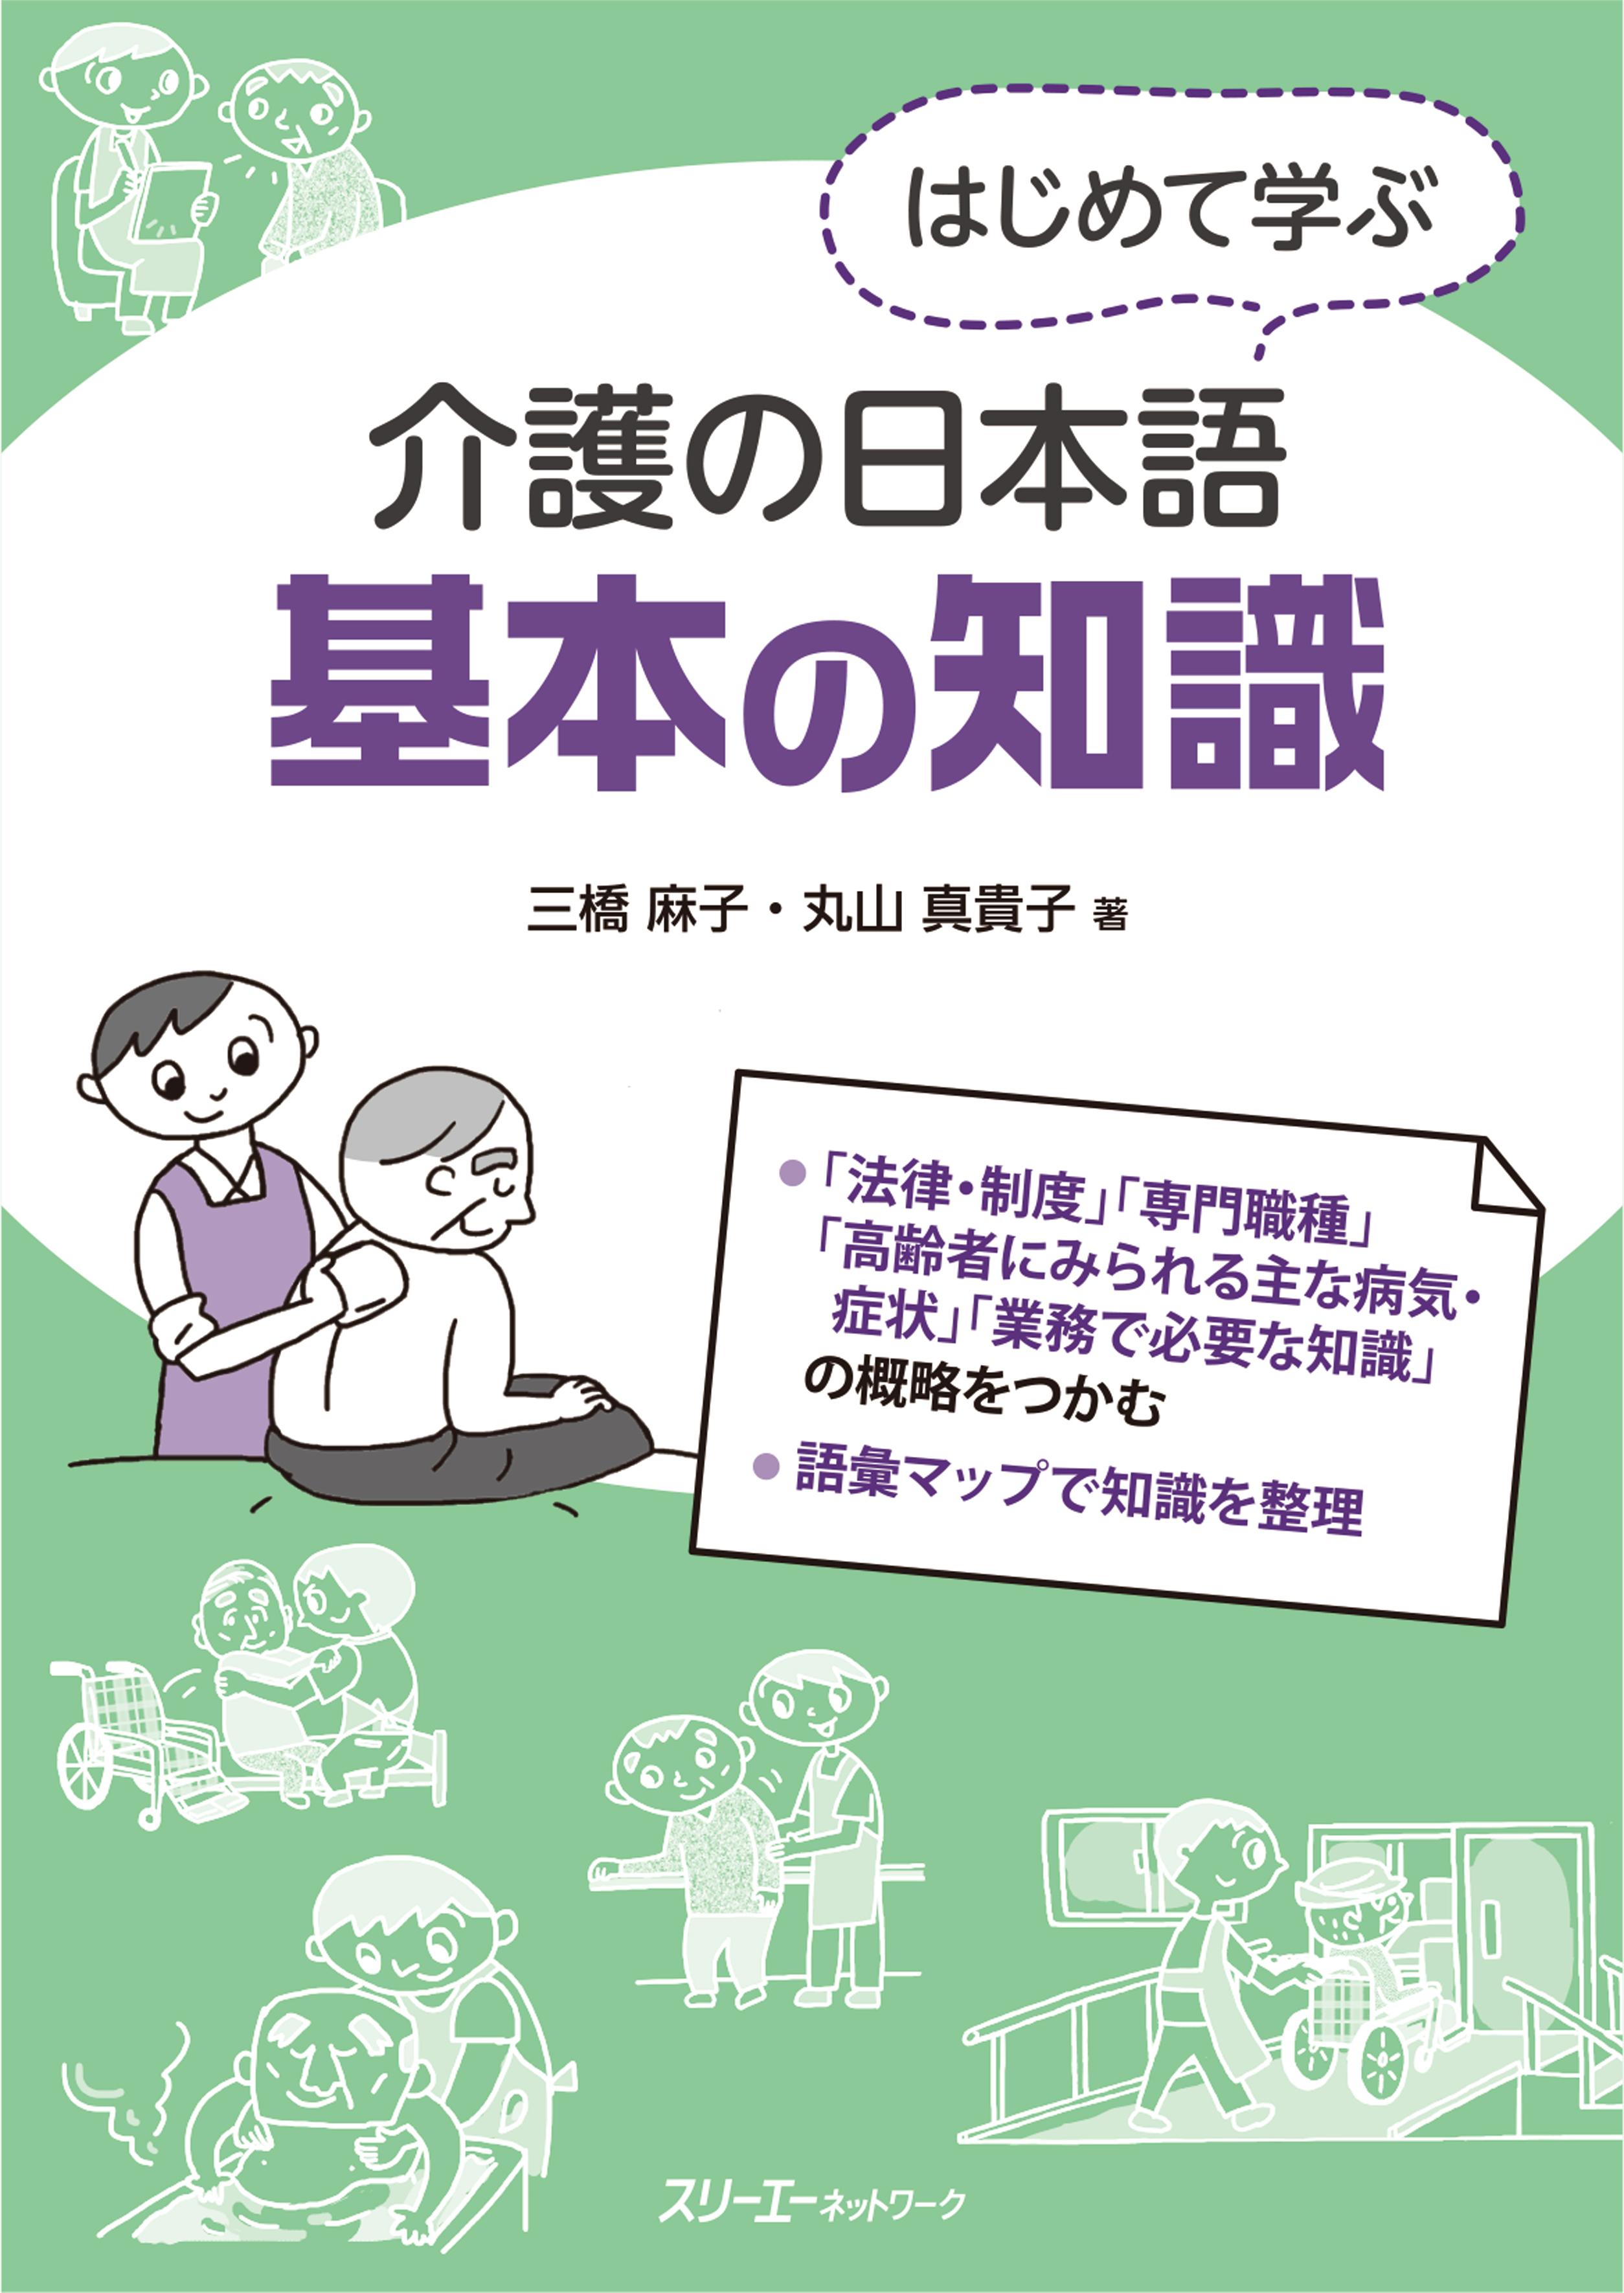 はじめて学ぶ介護の日本語 基本の知識 画像